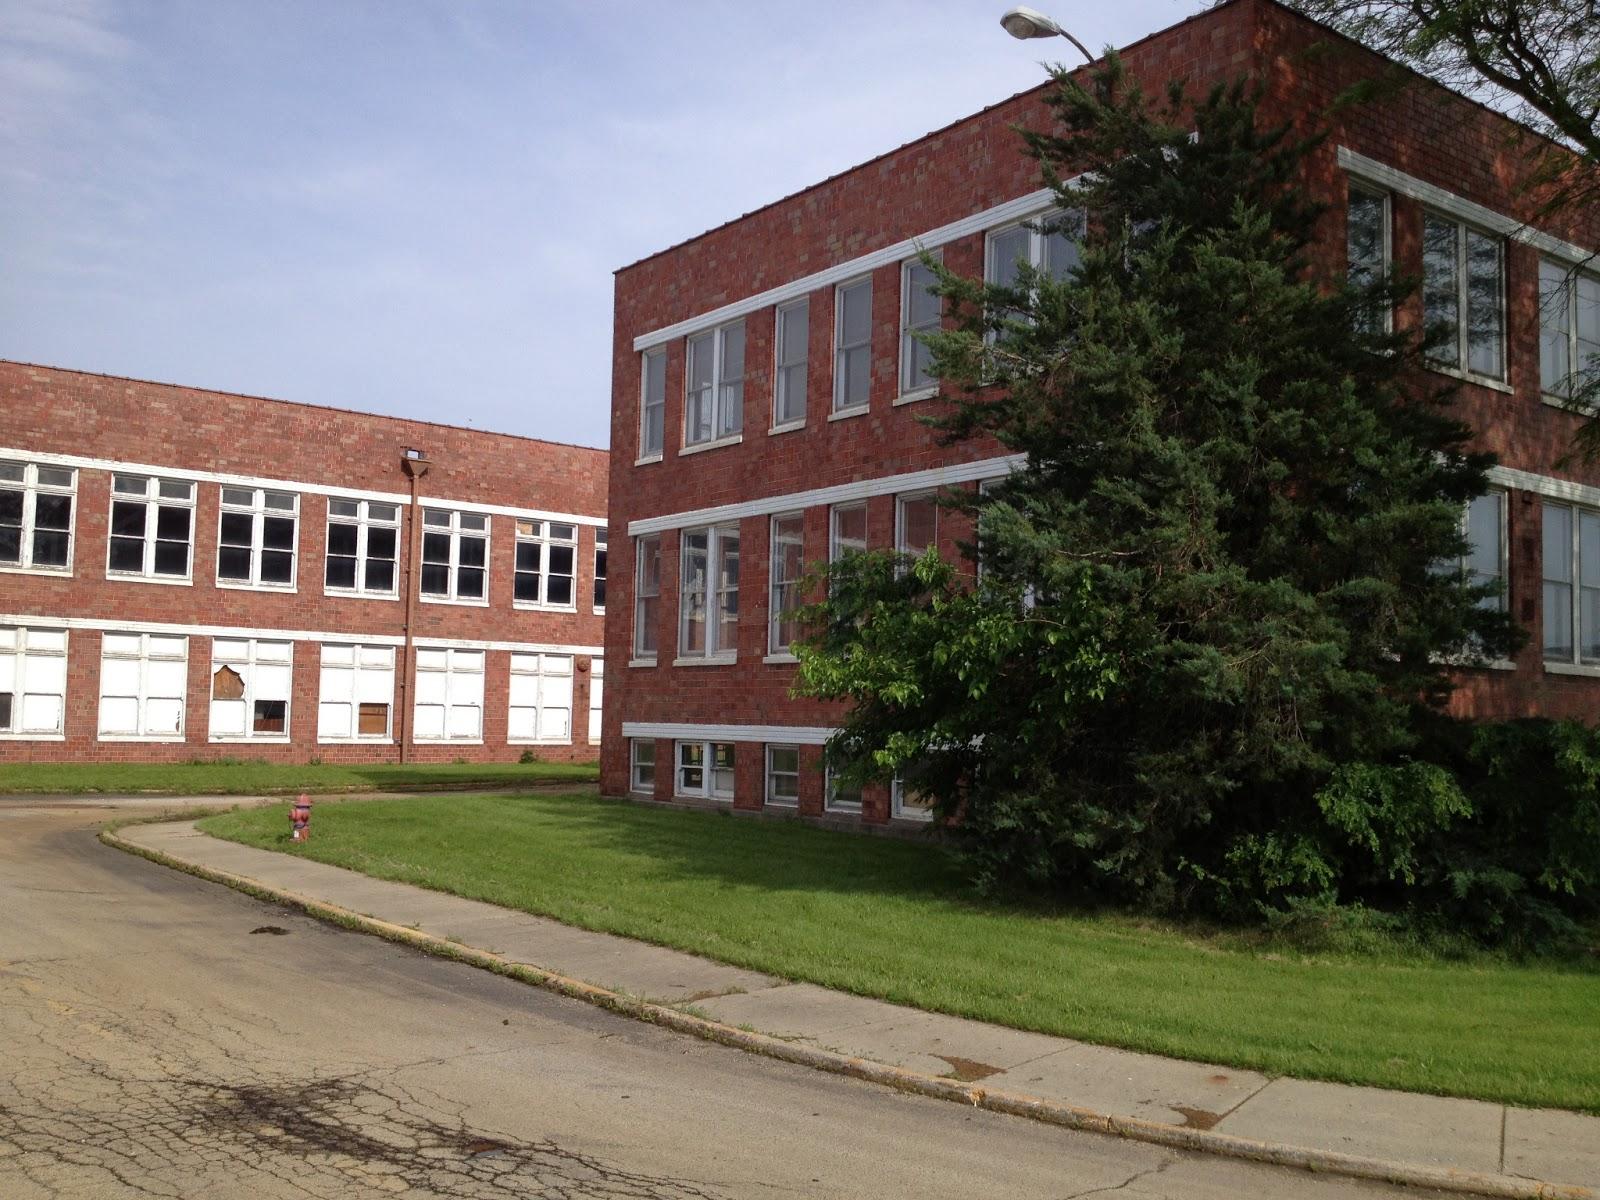 Quot Picture Decatur Quot Decatur Il Firestone Plant 2 Old